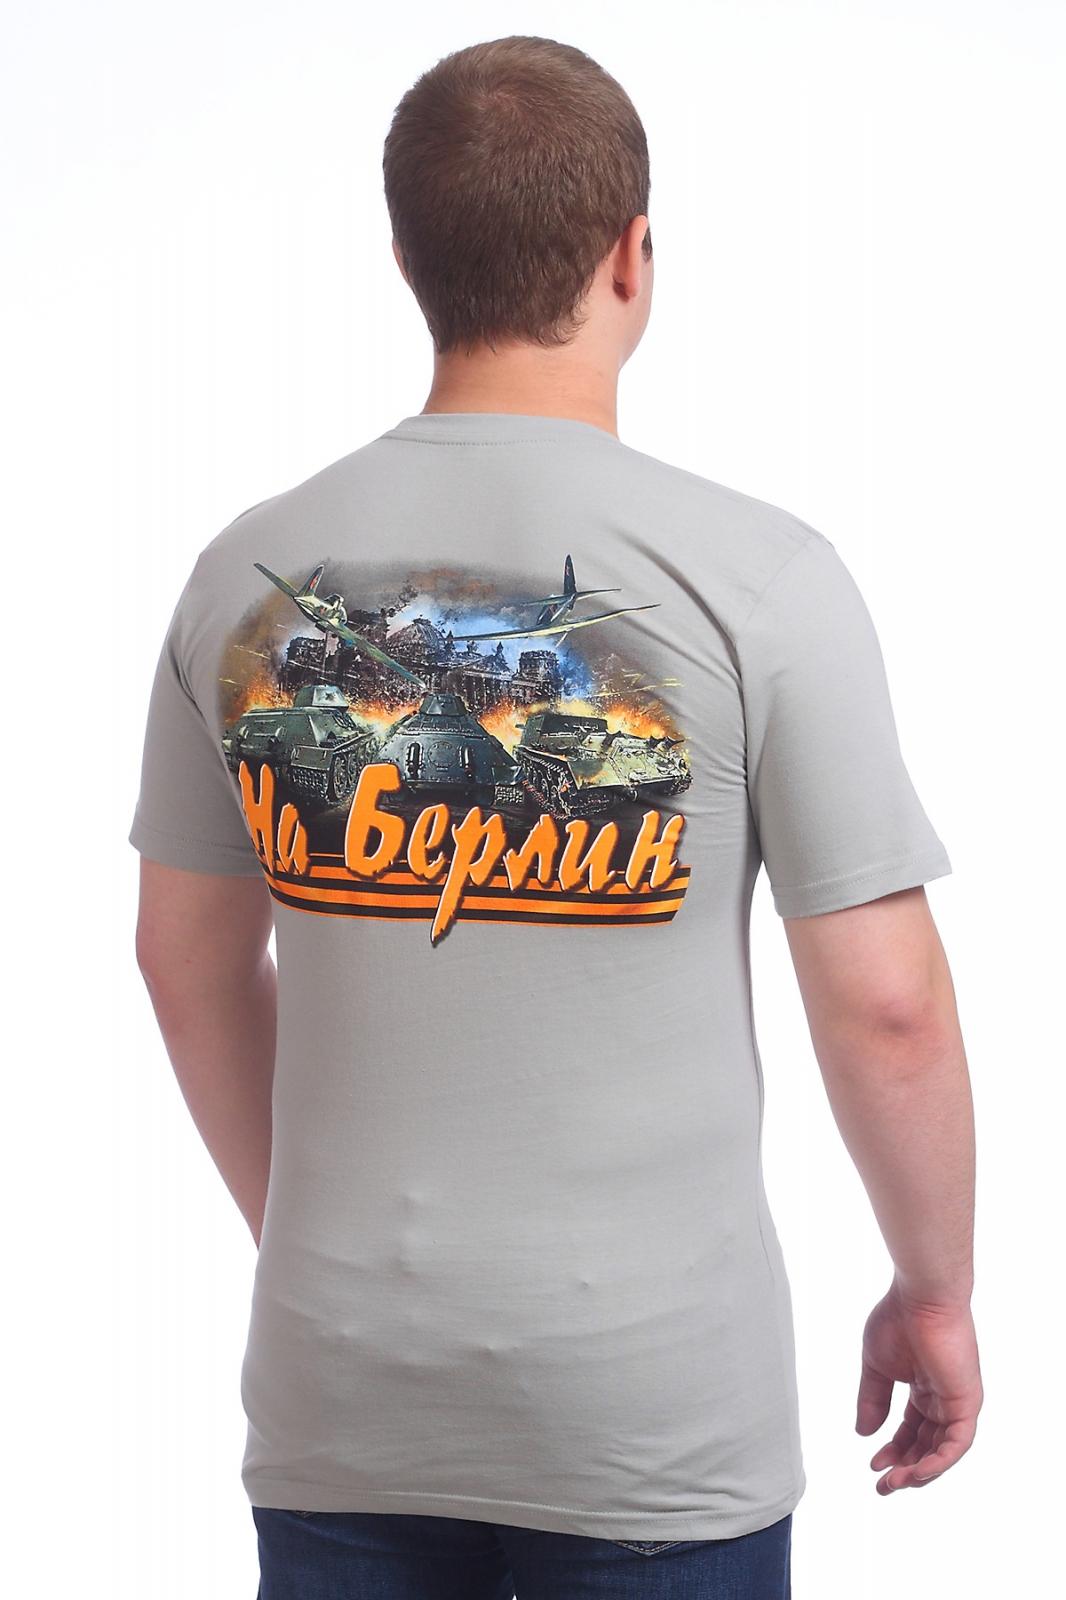 """Купить футболки """"Наши в Берлине!"""""""